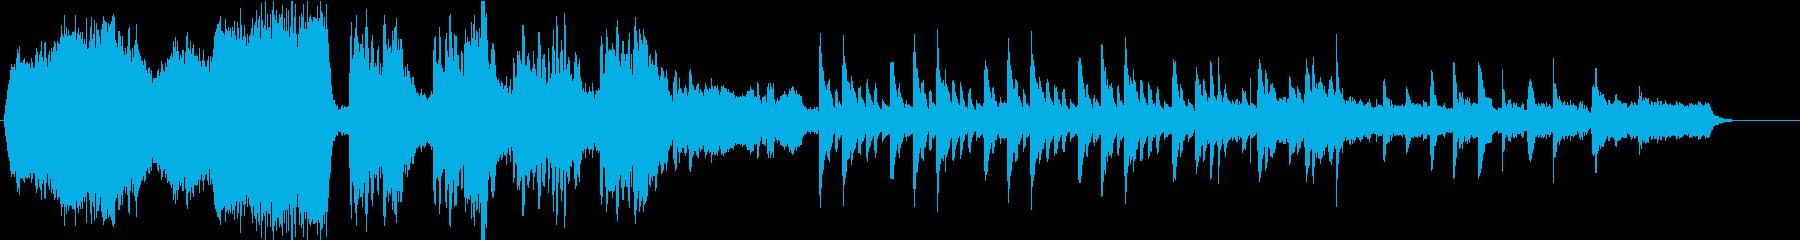 クラシック交響曲 劇的な ファンタ...の再生済みの波形